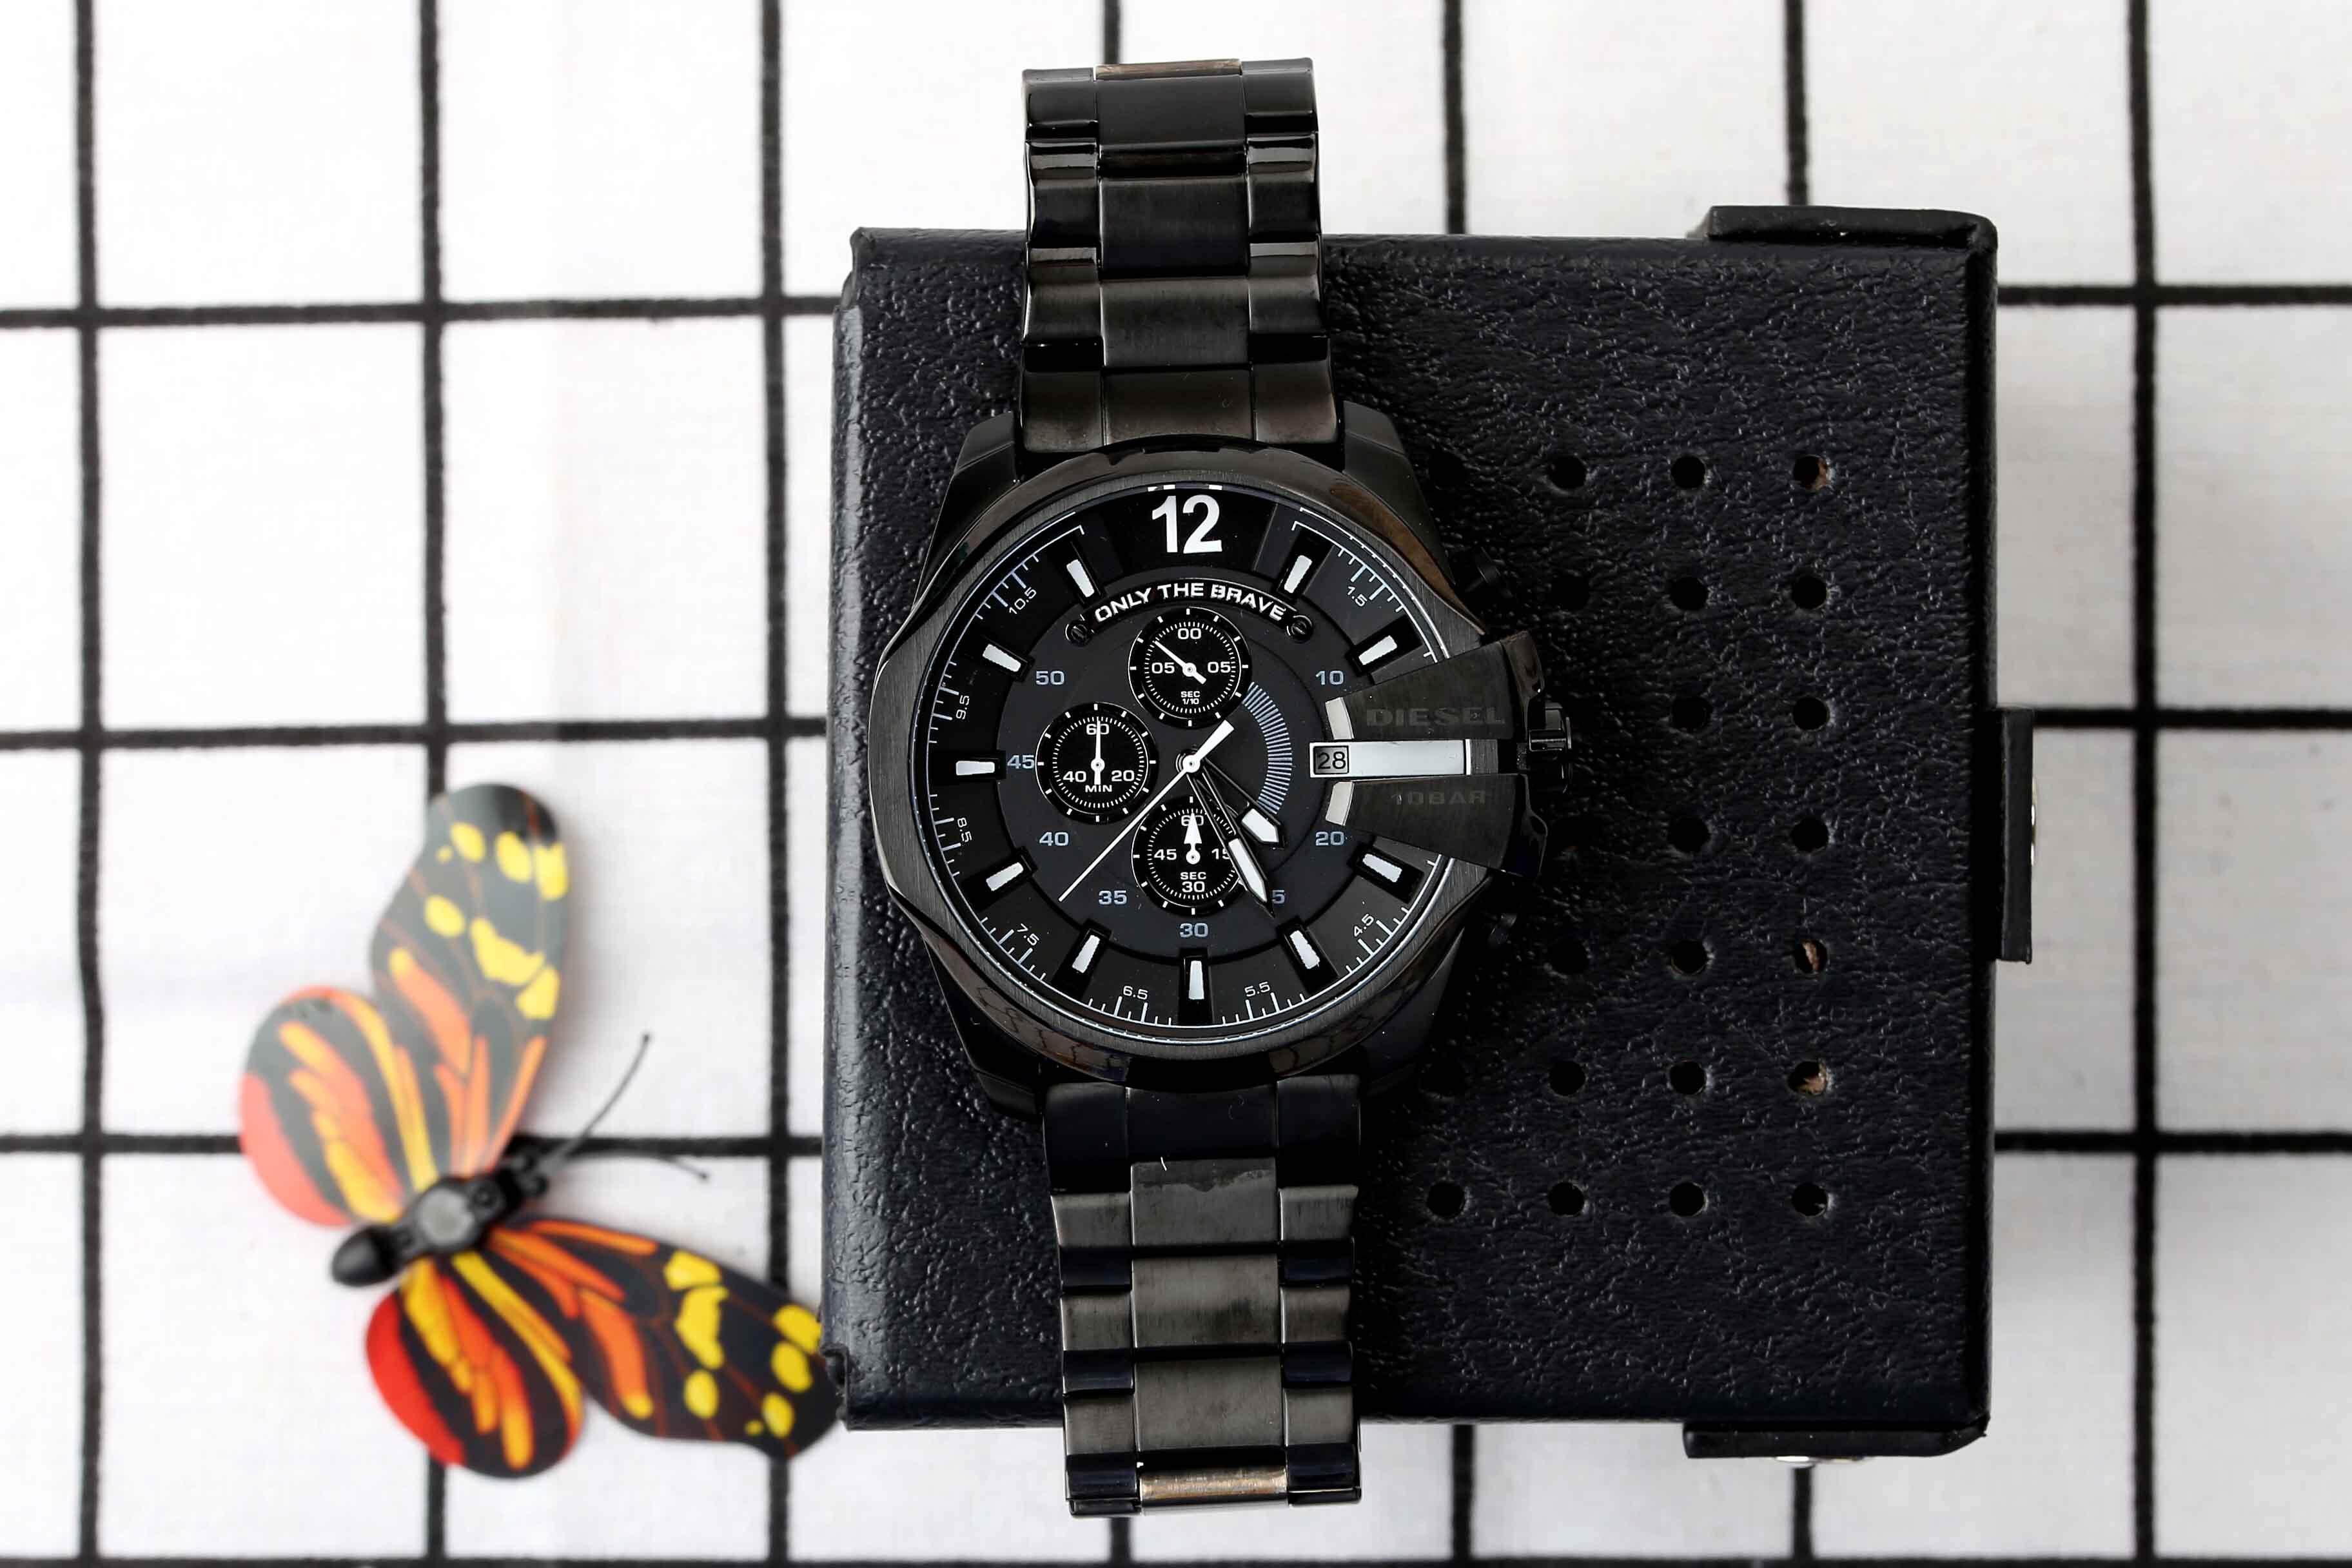 สุราษฎร์ธานี สินค้าของแท้ 100% กันน้ำดีเซลนาฬิกาผู้ชายสไตล์ใหม่! รุ่นสำหรับทหาร. สาม - Eye นาฬิกาจับเวลา Mineral Toughened แก้วกระจกญี่ปุ่นควอตซ์ Core. สายเรซิน